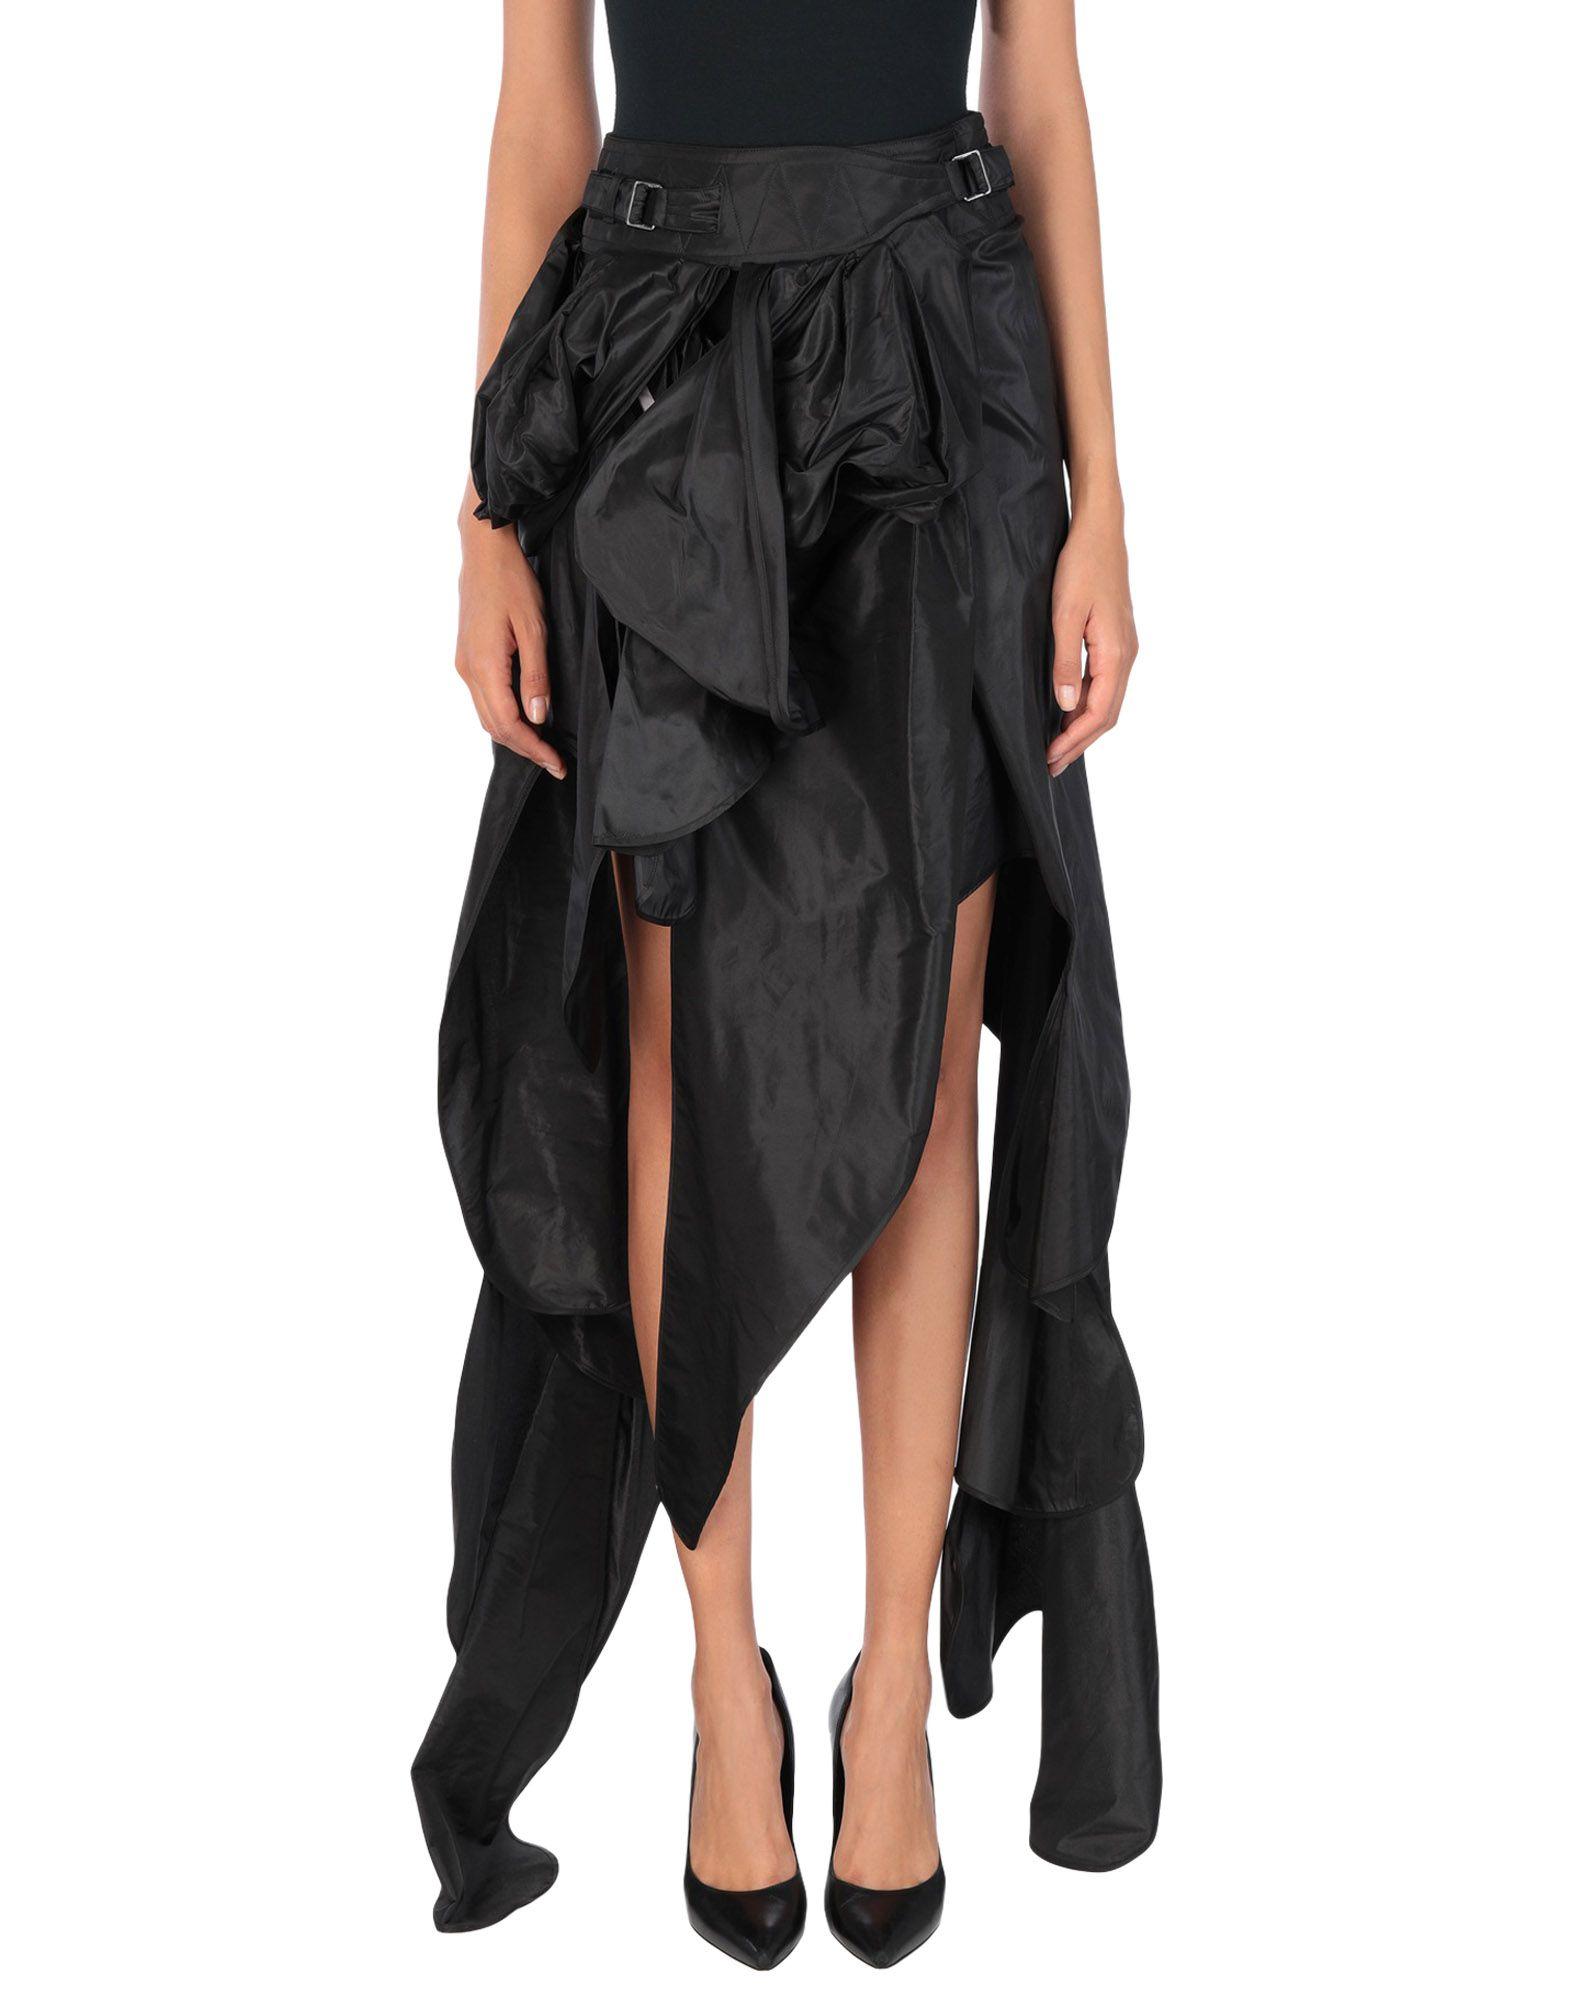 《送料無料》ANDREAS KRONTHALER for VIVIENNE WESTWOOD レディース ロングスカート ブラック I シルク 100%